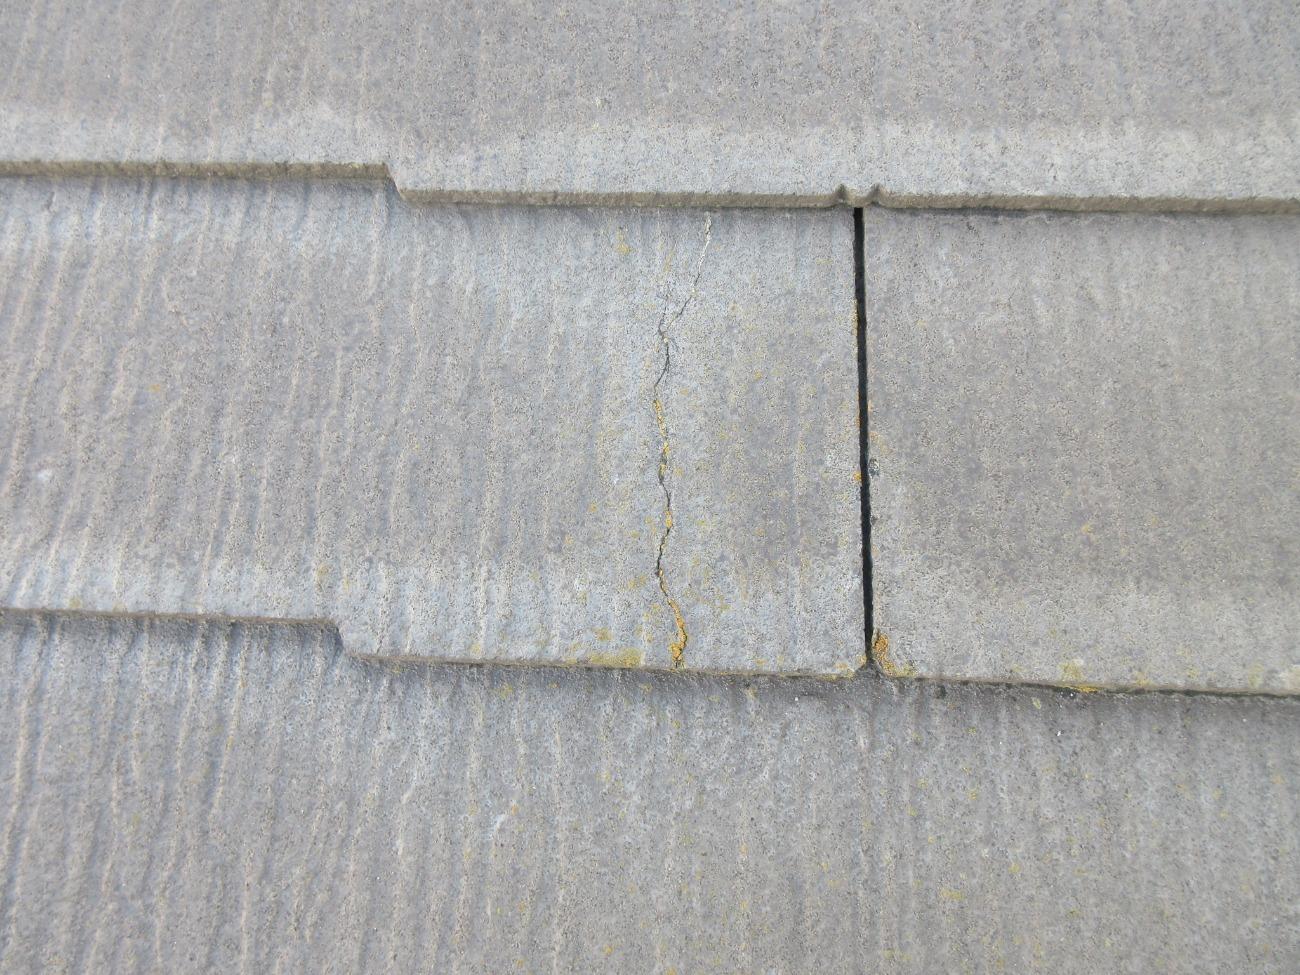 放置NG!スレート屋根のひび割れ:補修方法や費用相場まで徹底解説